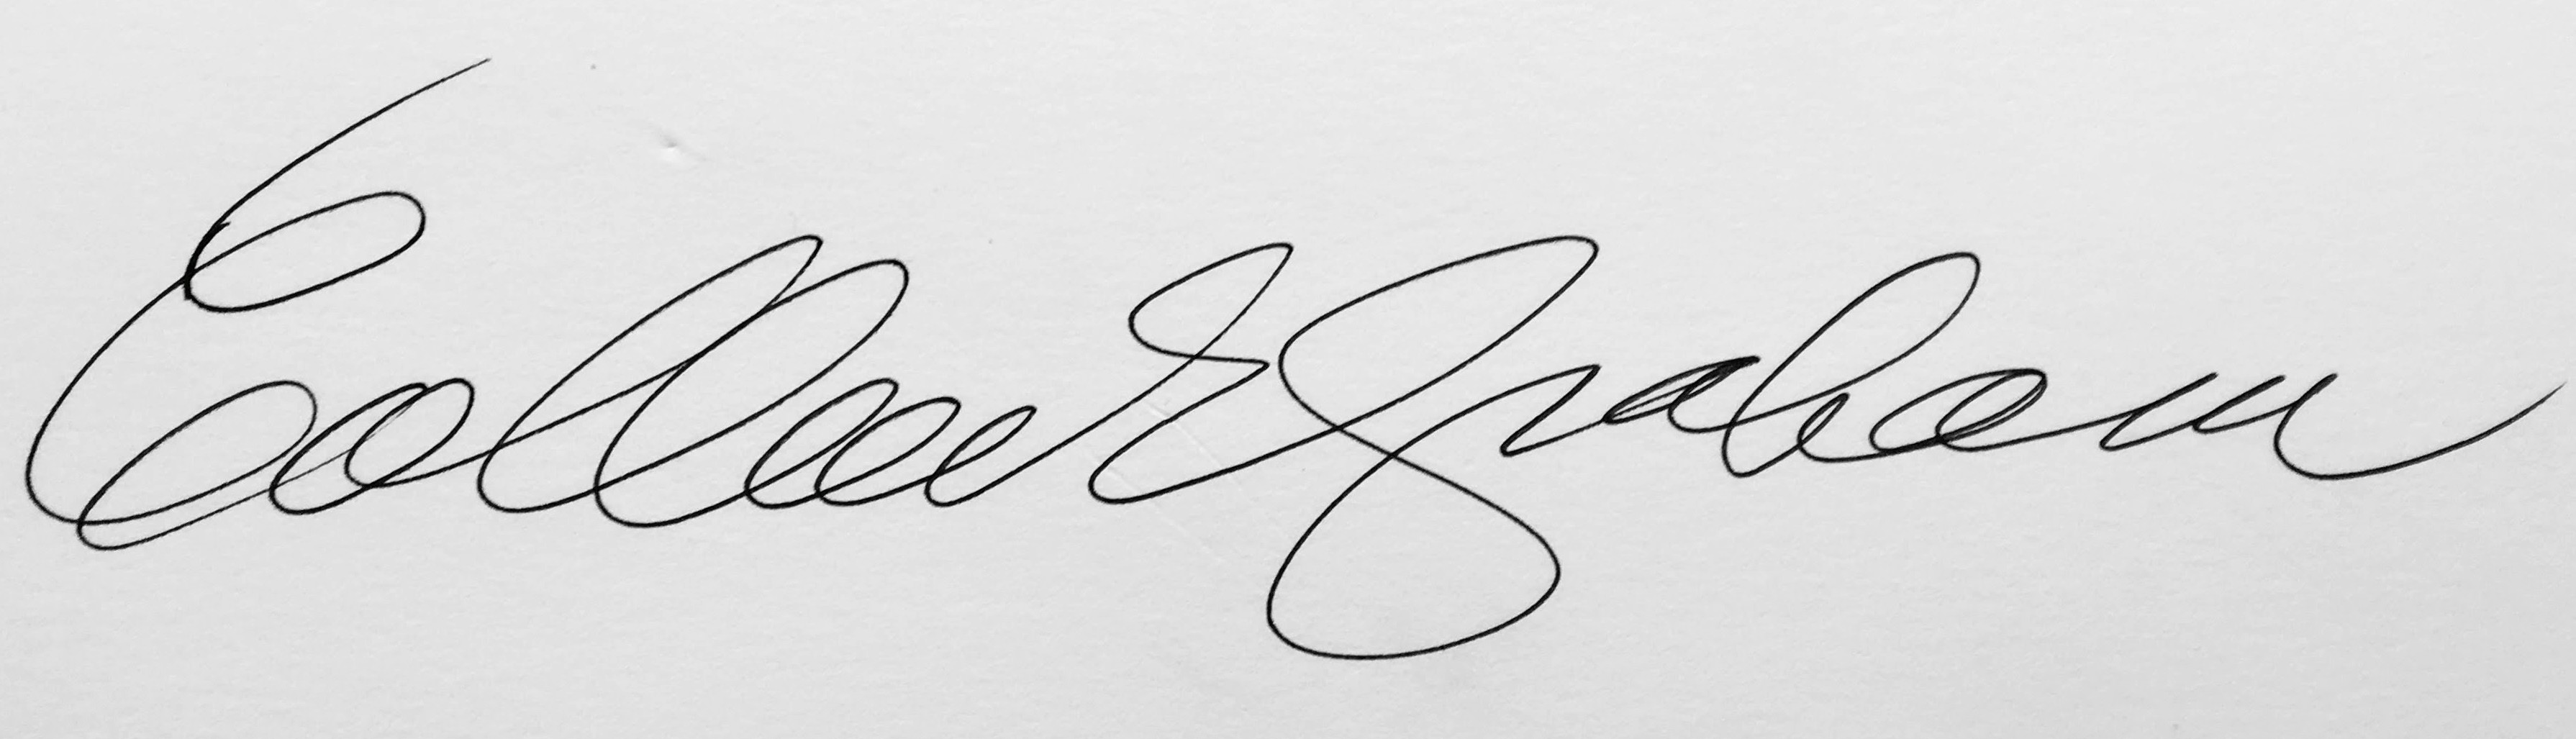 57166d2199cc65da032edff7 Signature